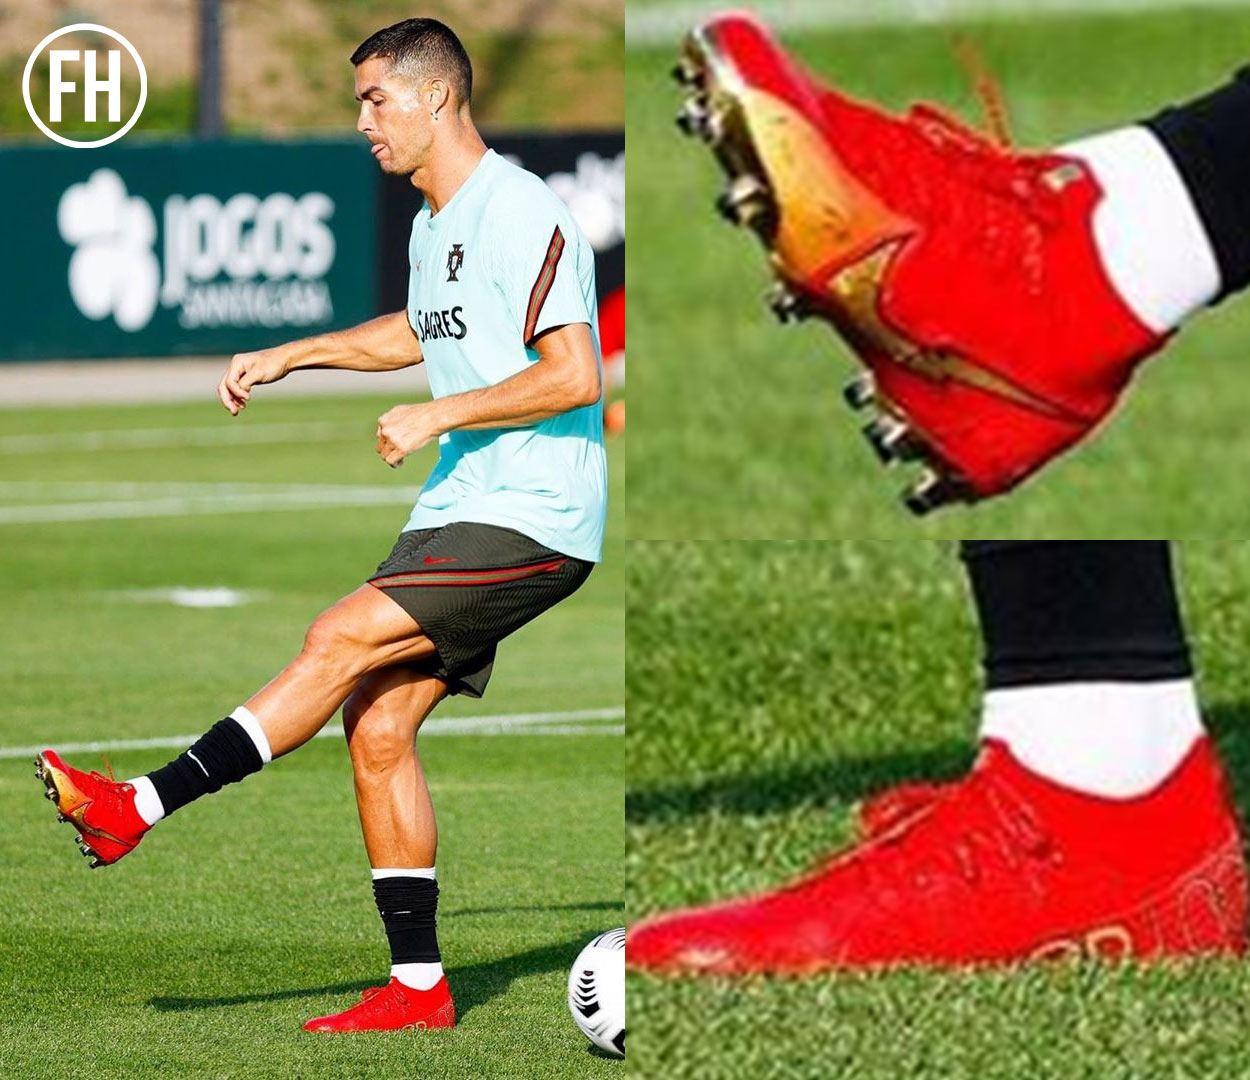 Cristiano Ronaldo tập trong giày Nike Mercurial Superfly 100 Bồ Đào Nha